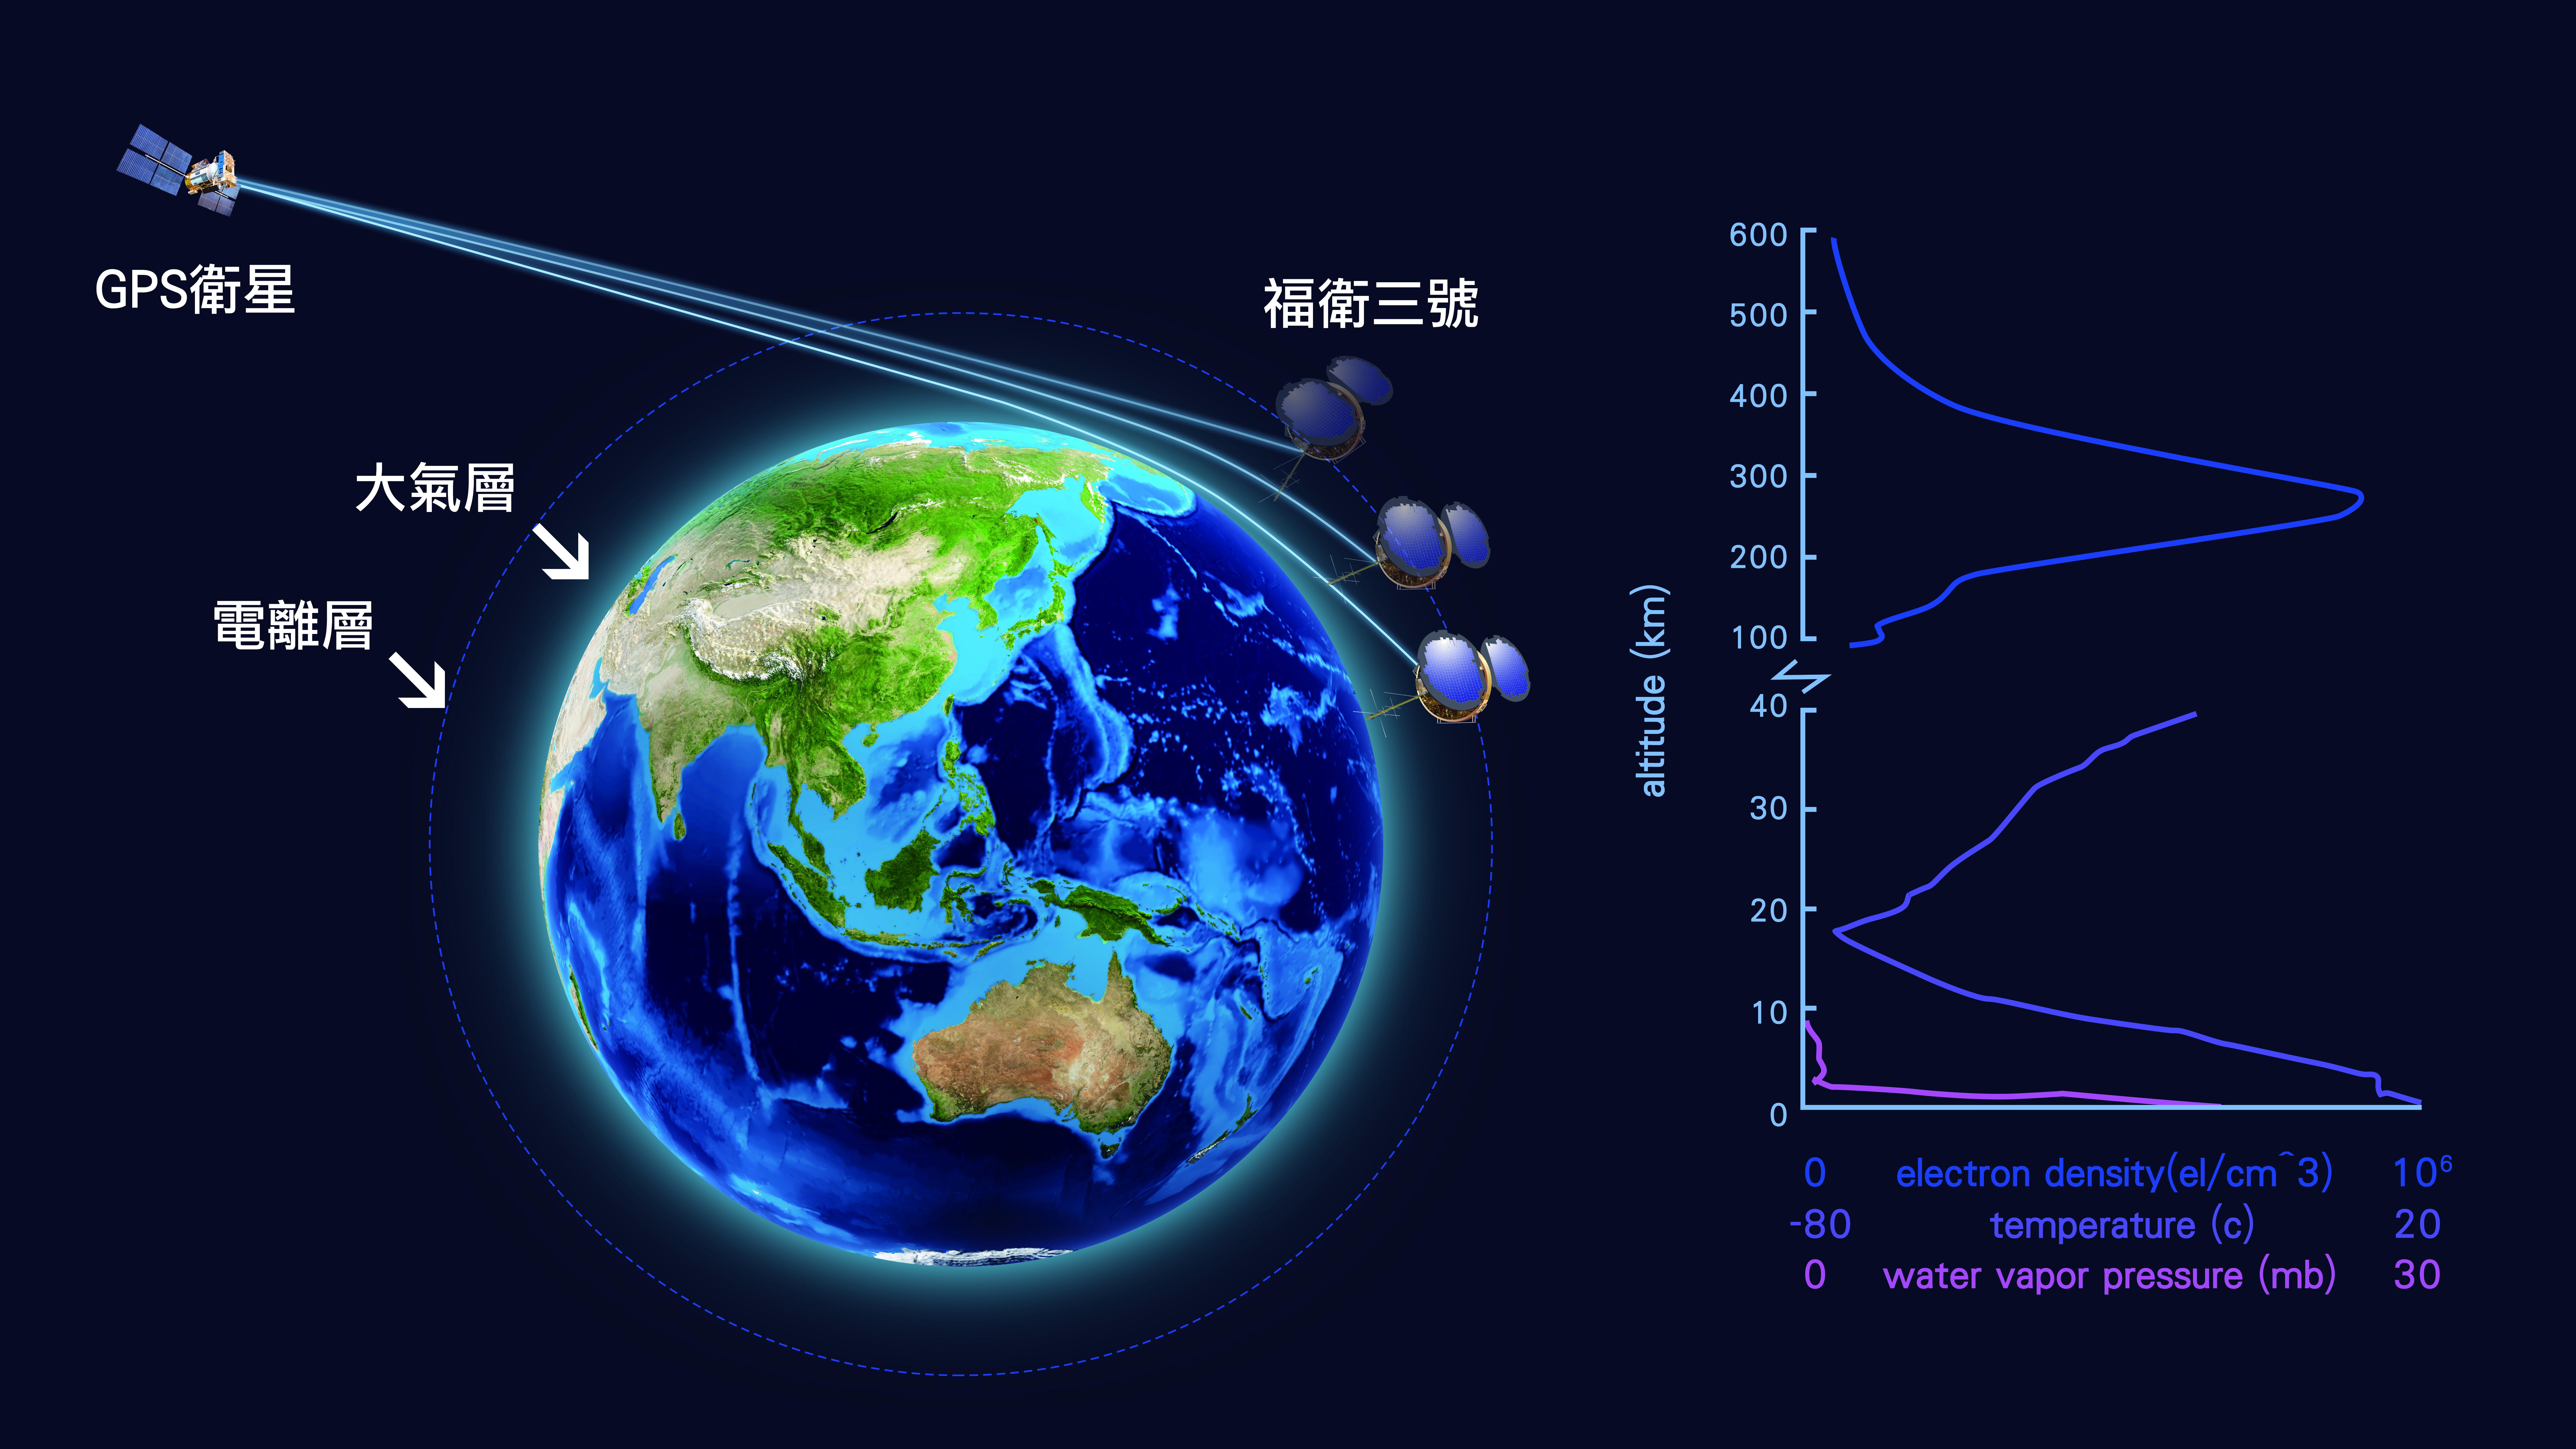 福衛三號掩星技術示意圖